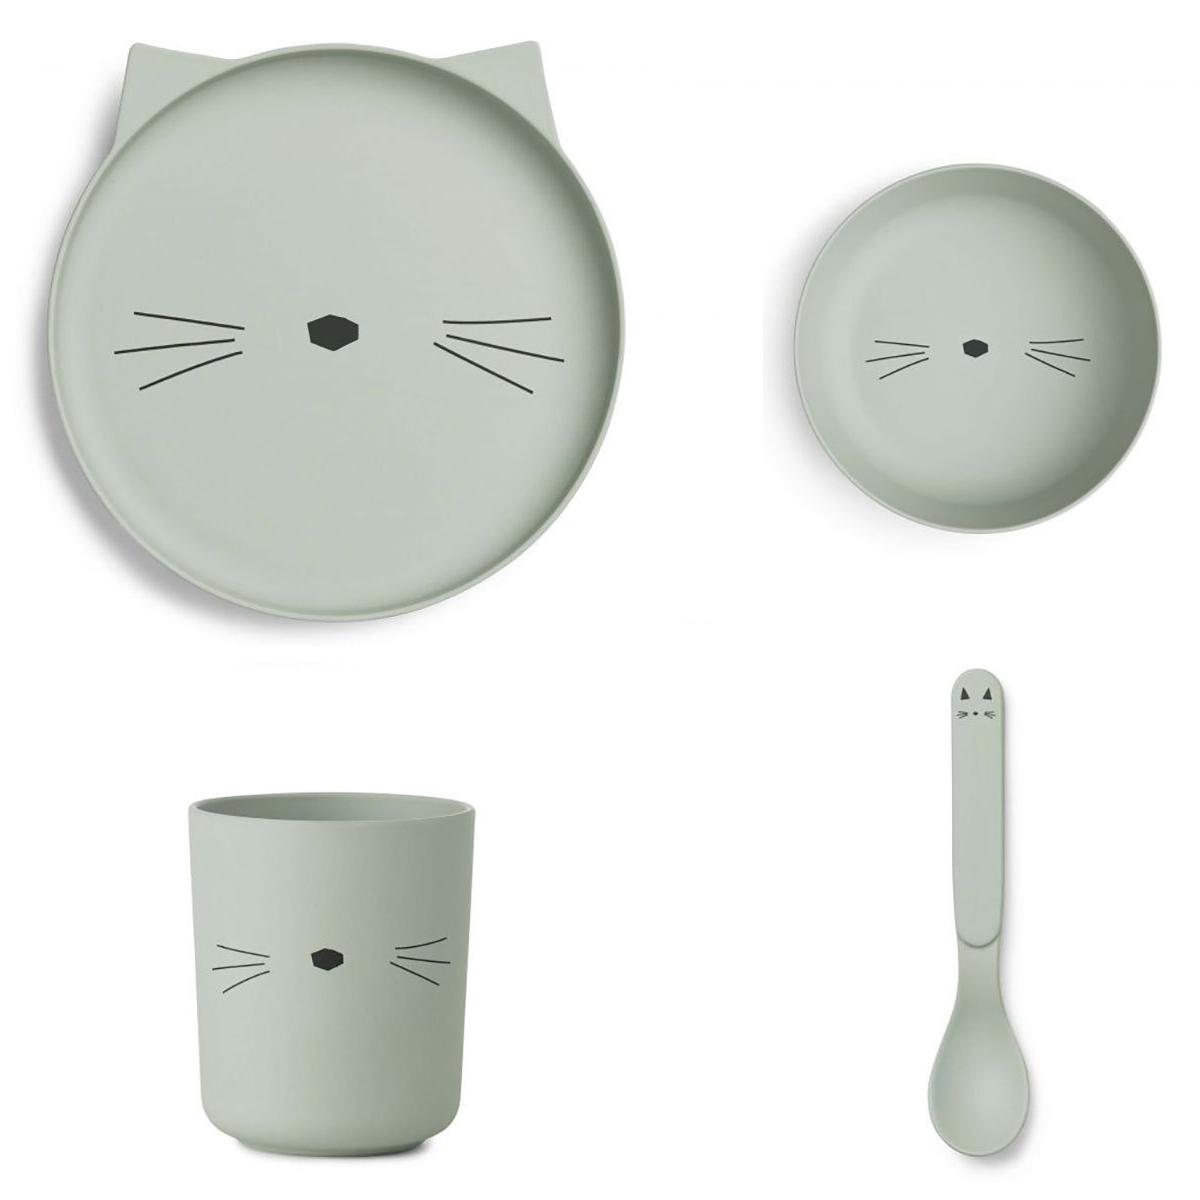 Coffret repas Set de vaisselle Cat - Menthe Set de vaisselle Cat - Menthe